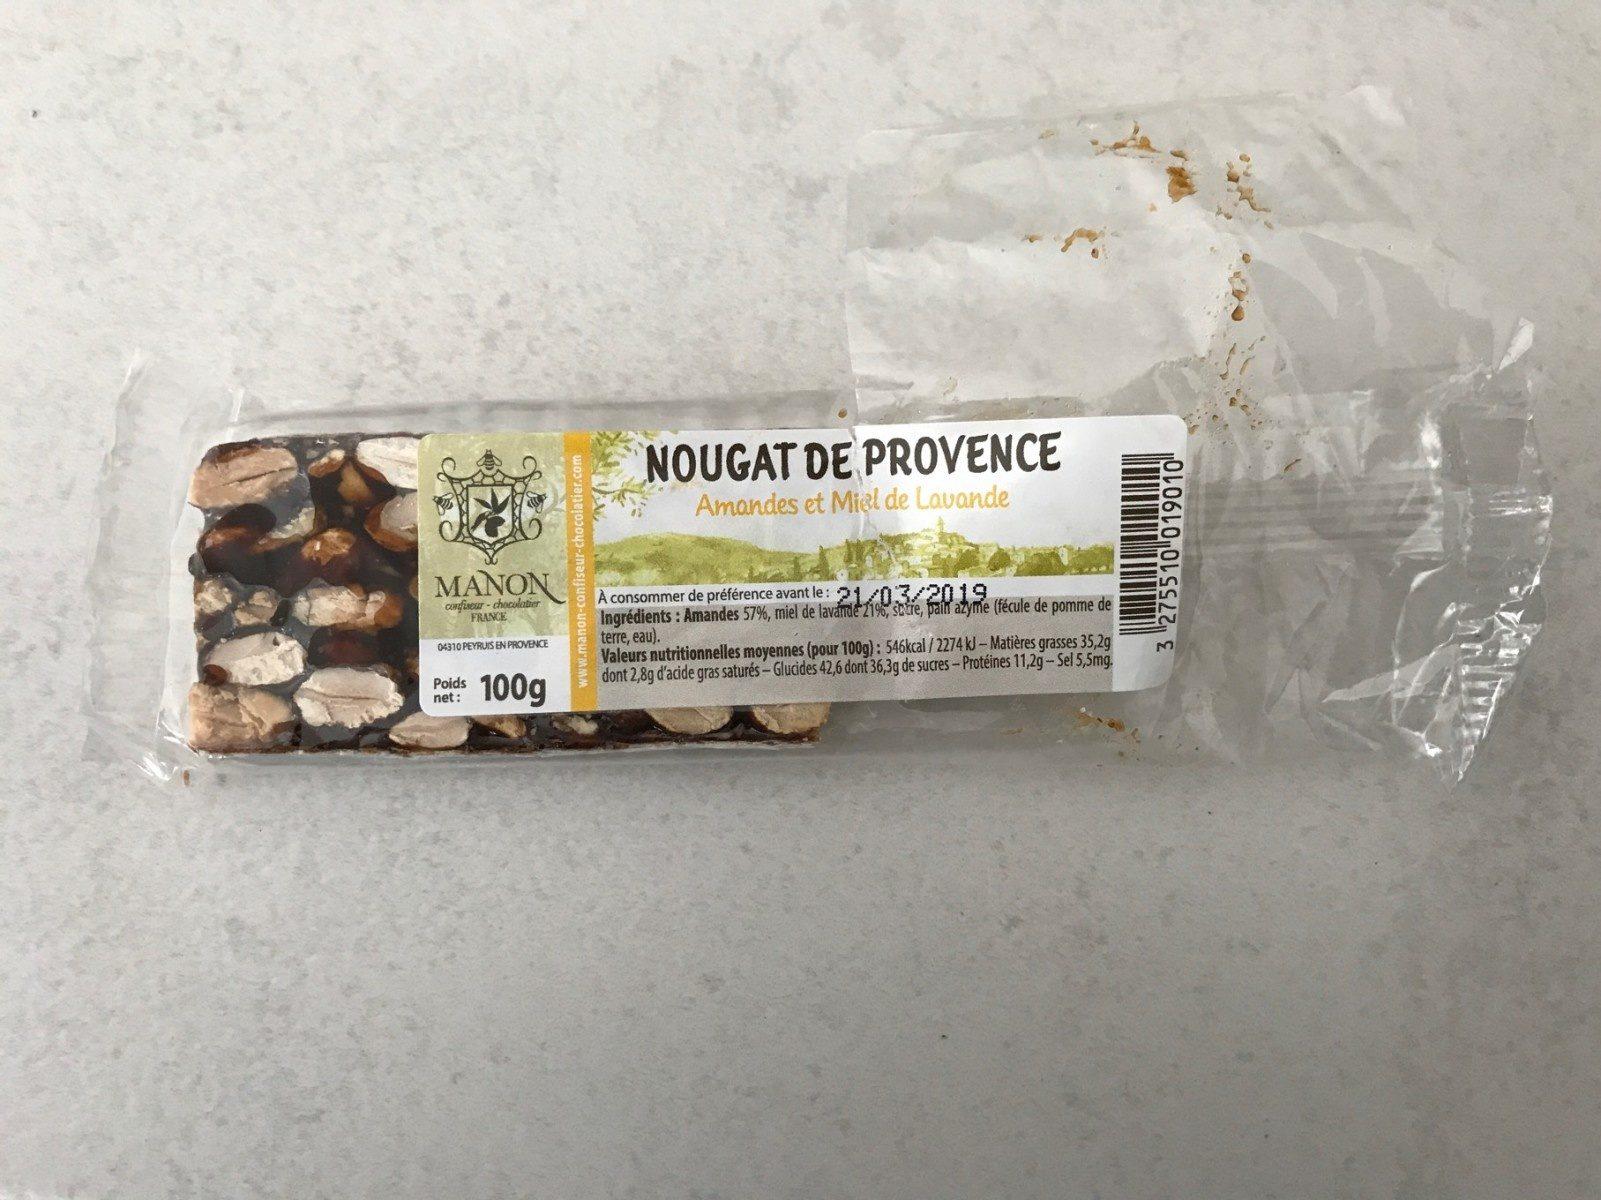 Nougat de provence - Produit